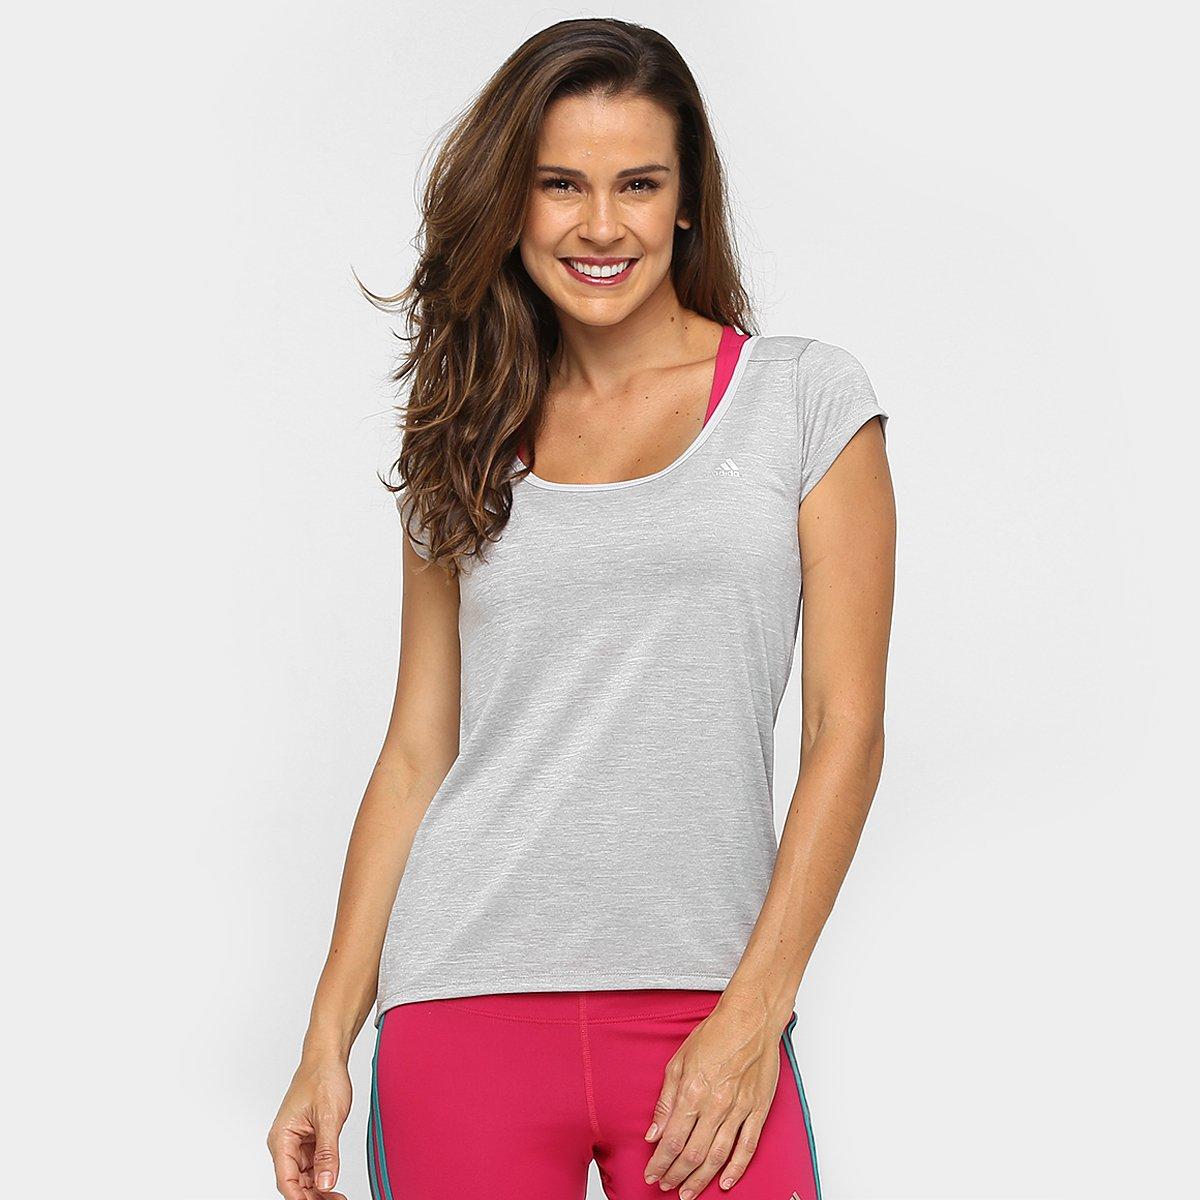 Mescla Ess Camiseta Adidas Cinza Adidas Camiseta Ess Clima Clima Feminina Mescla B8PwqB